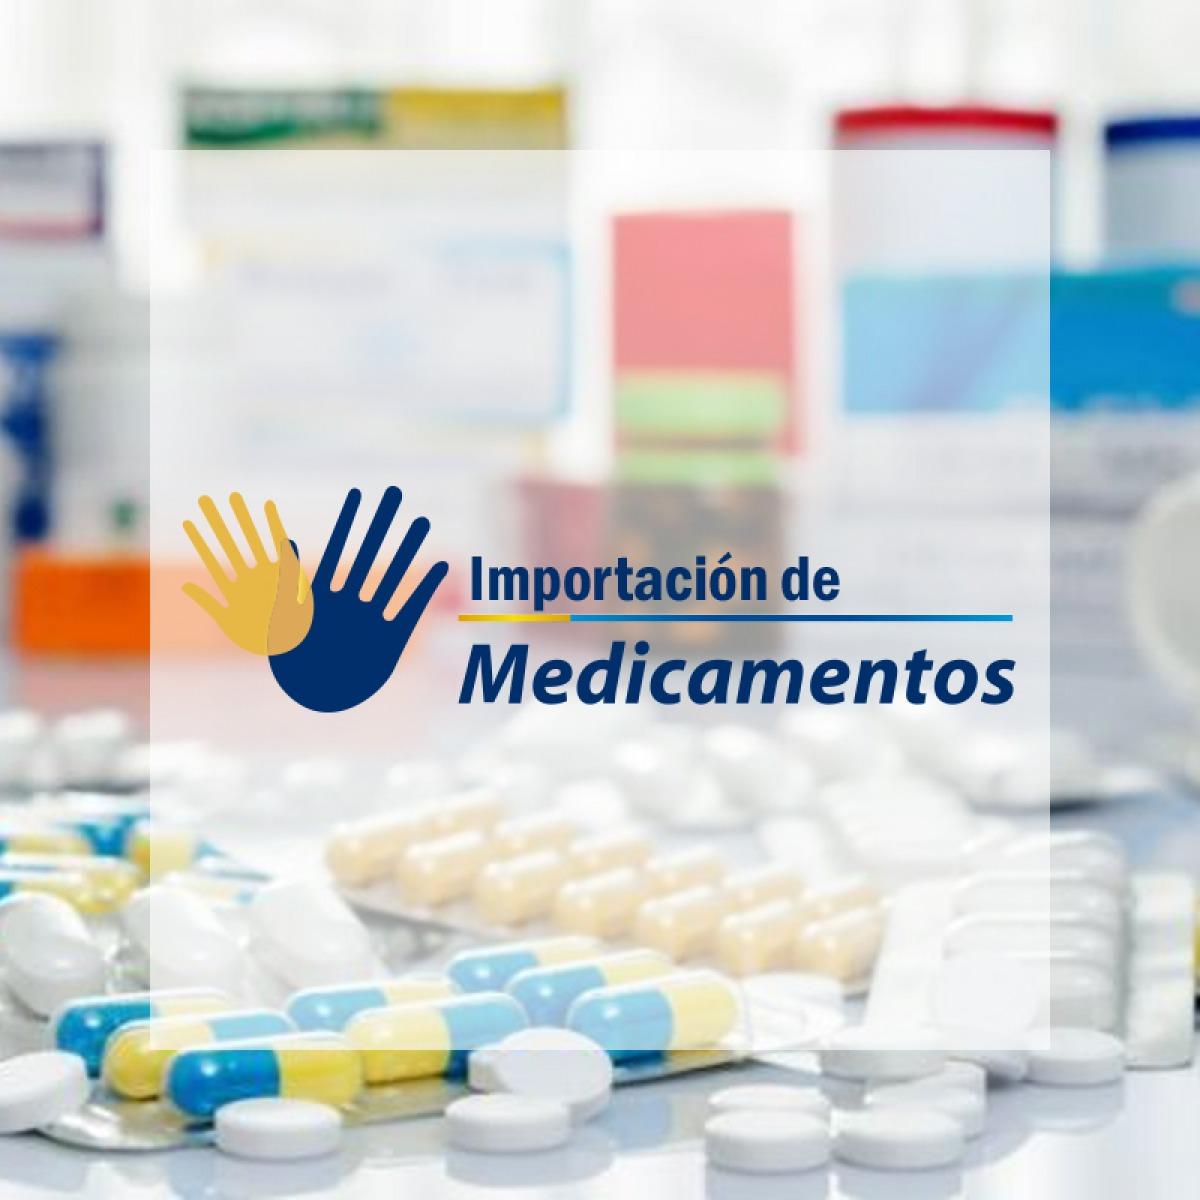 Algunos de los medicamentos que importamos